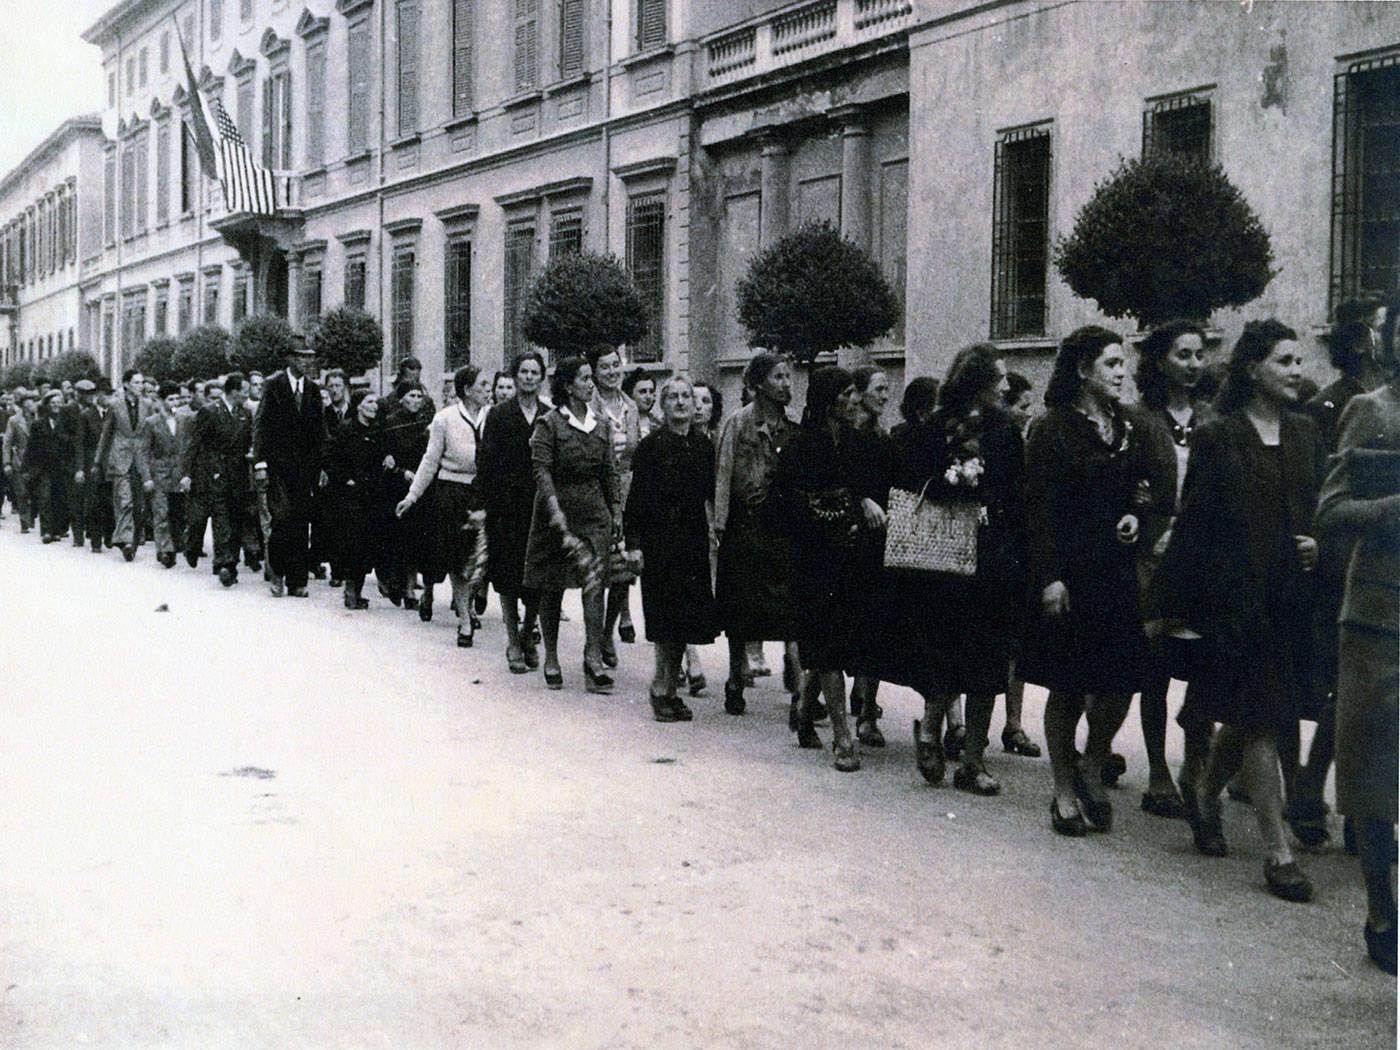 CORSO GARIBALDI, SFILATA DONNE DAVANTI ALLA PREFETTURA CON ESPOSTA BANDIERA AMERICANA FOTOTECA ISTORECO, REGGIO EMILIA 3 MAGGIO 1945